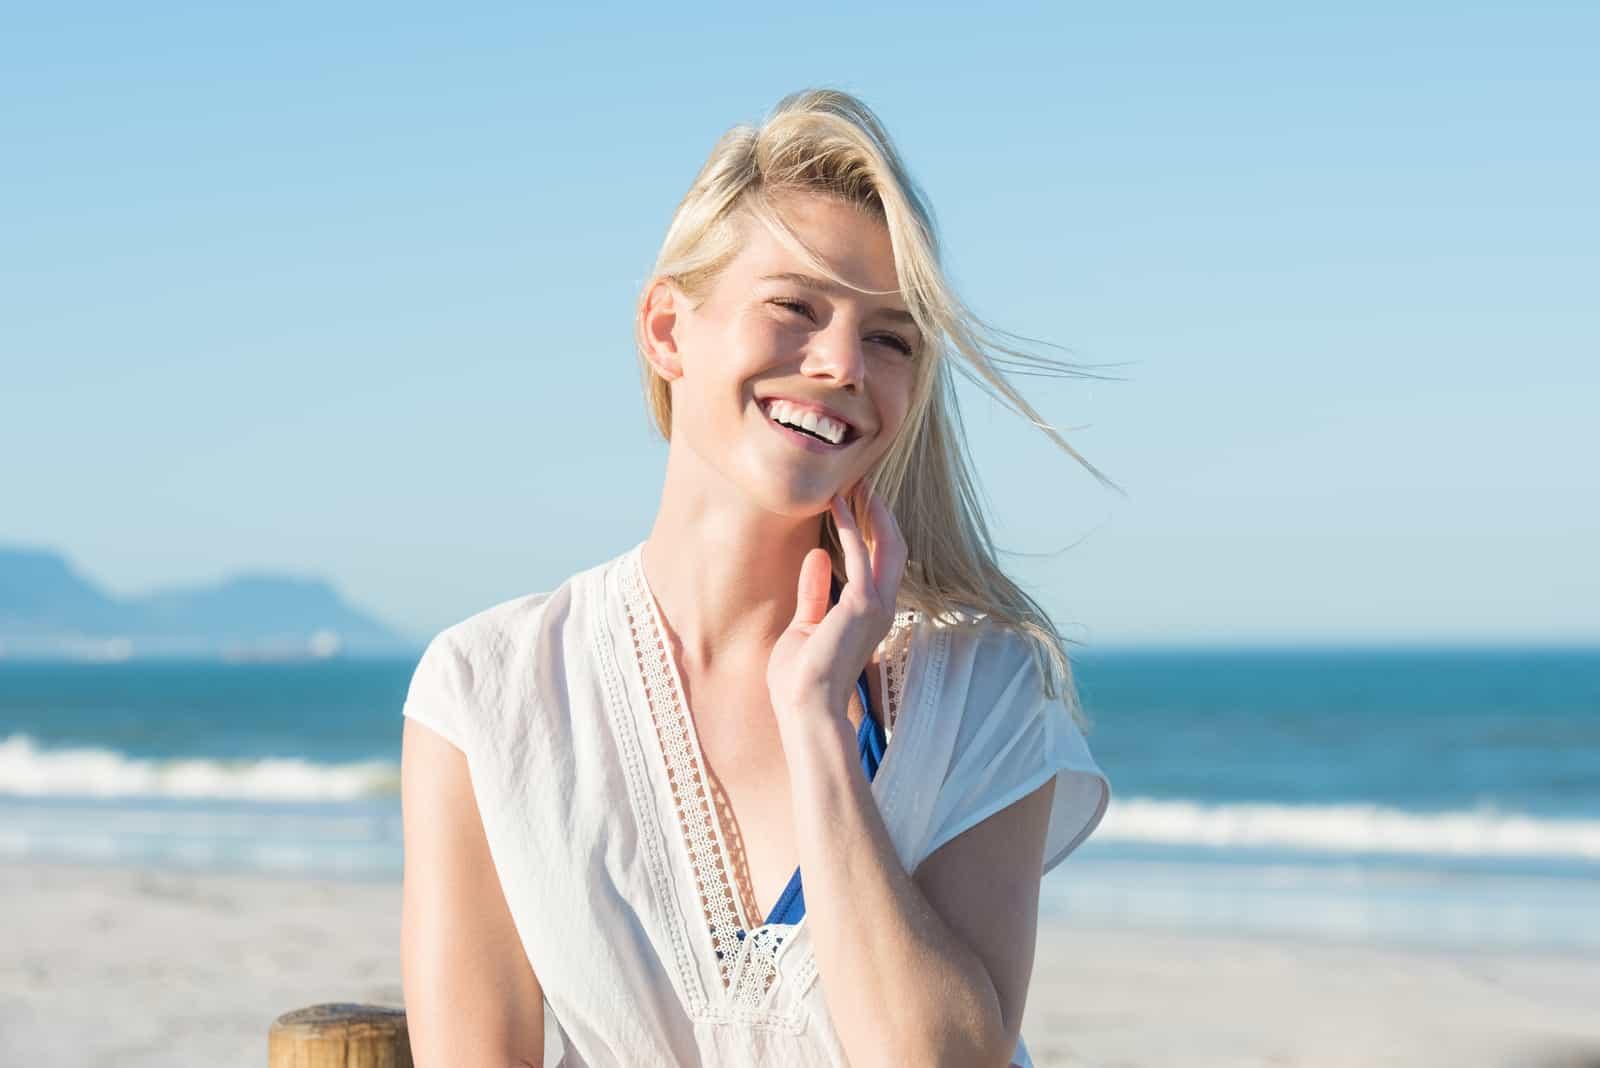 Une femme aux longs cheveux blonds rit en se tenant debout sur la plage